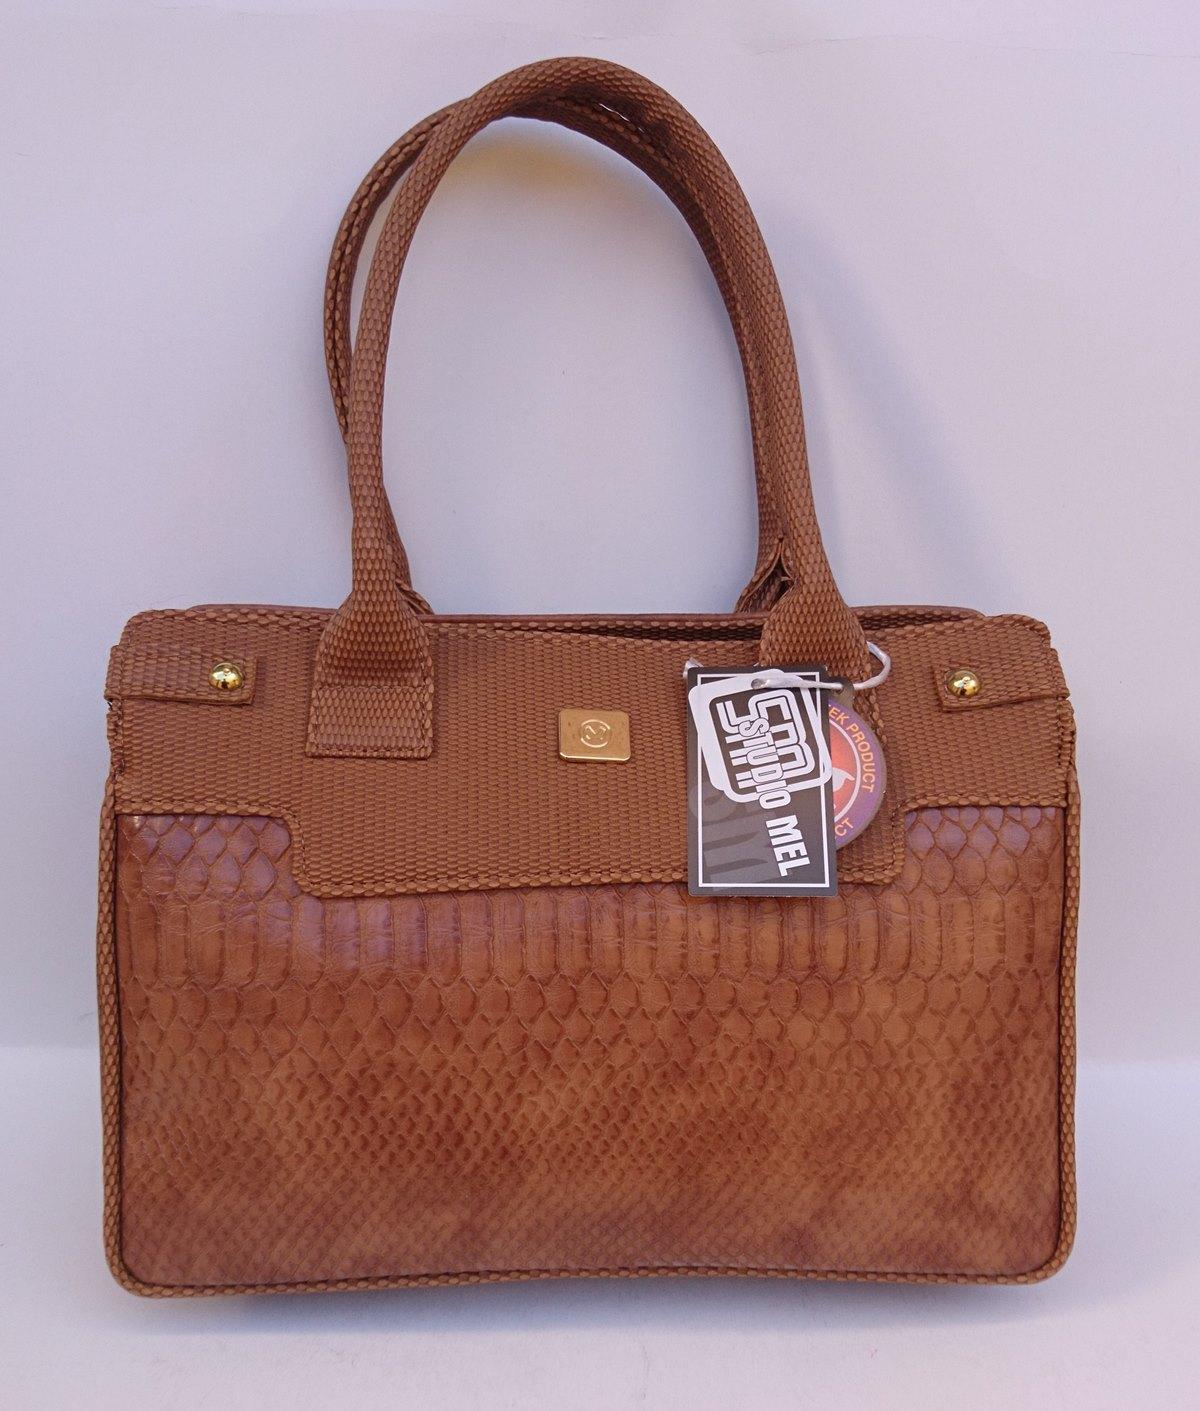 Γυναικεία τσάντα χεριού STUDIO MEL κάμελ 5101